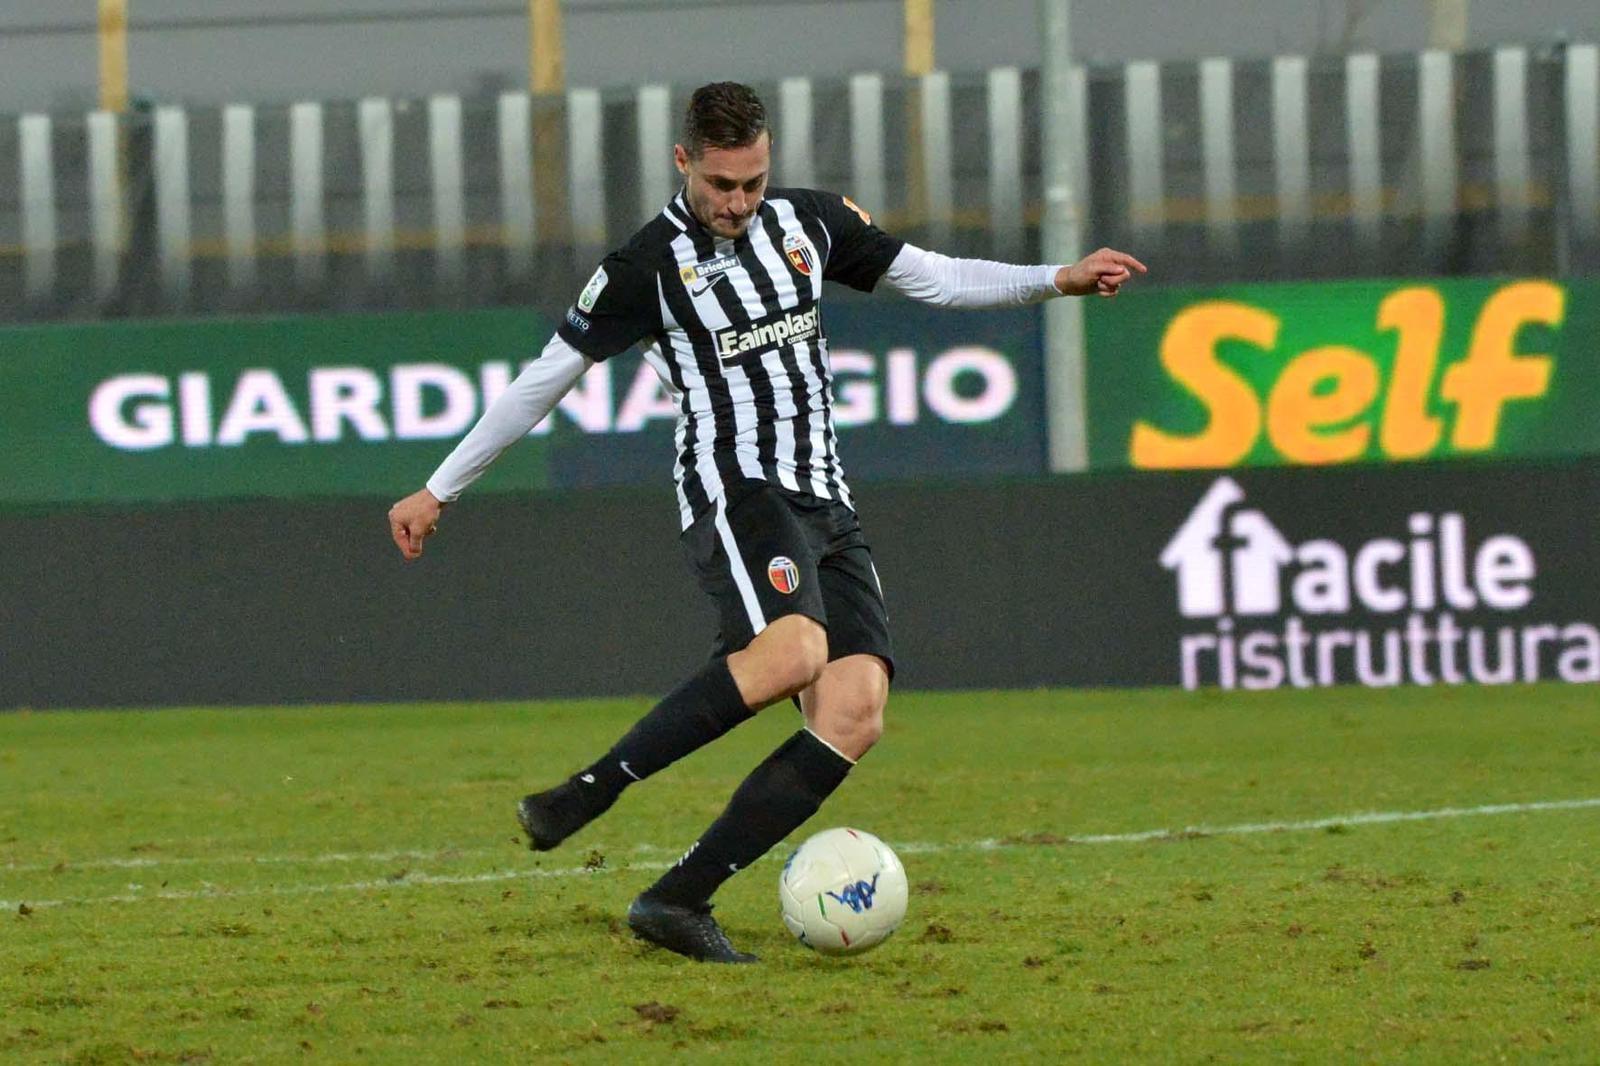 #Calciomercato: Ganz si trasferisce al Lecco.